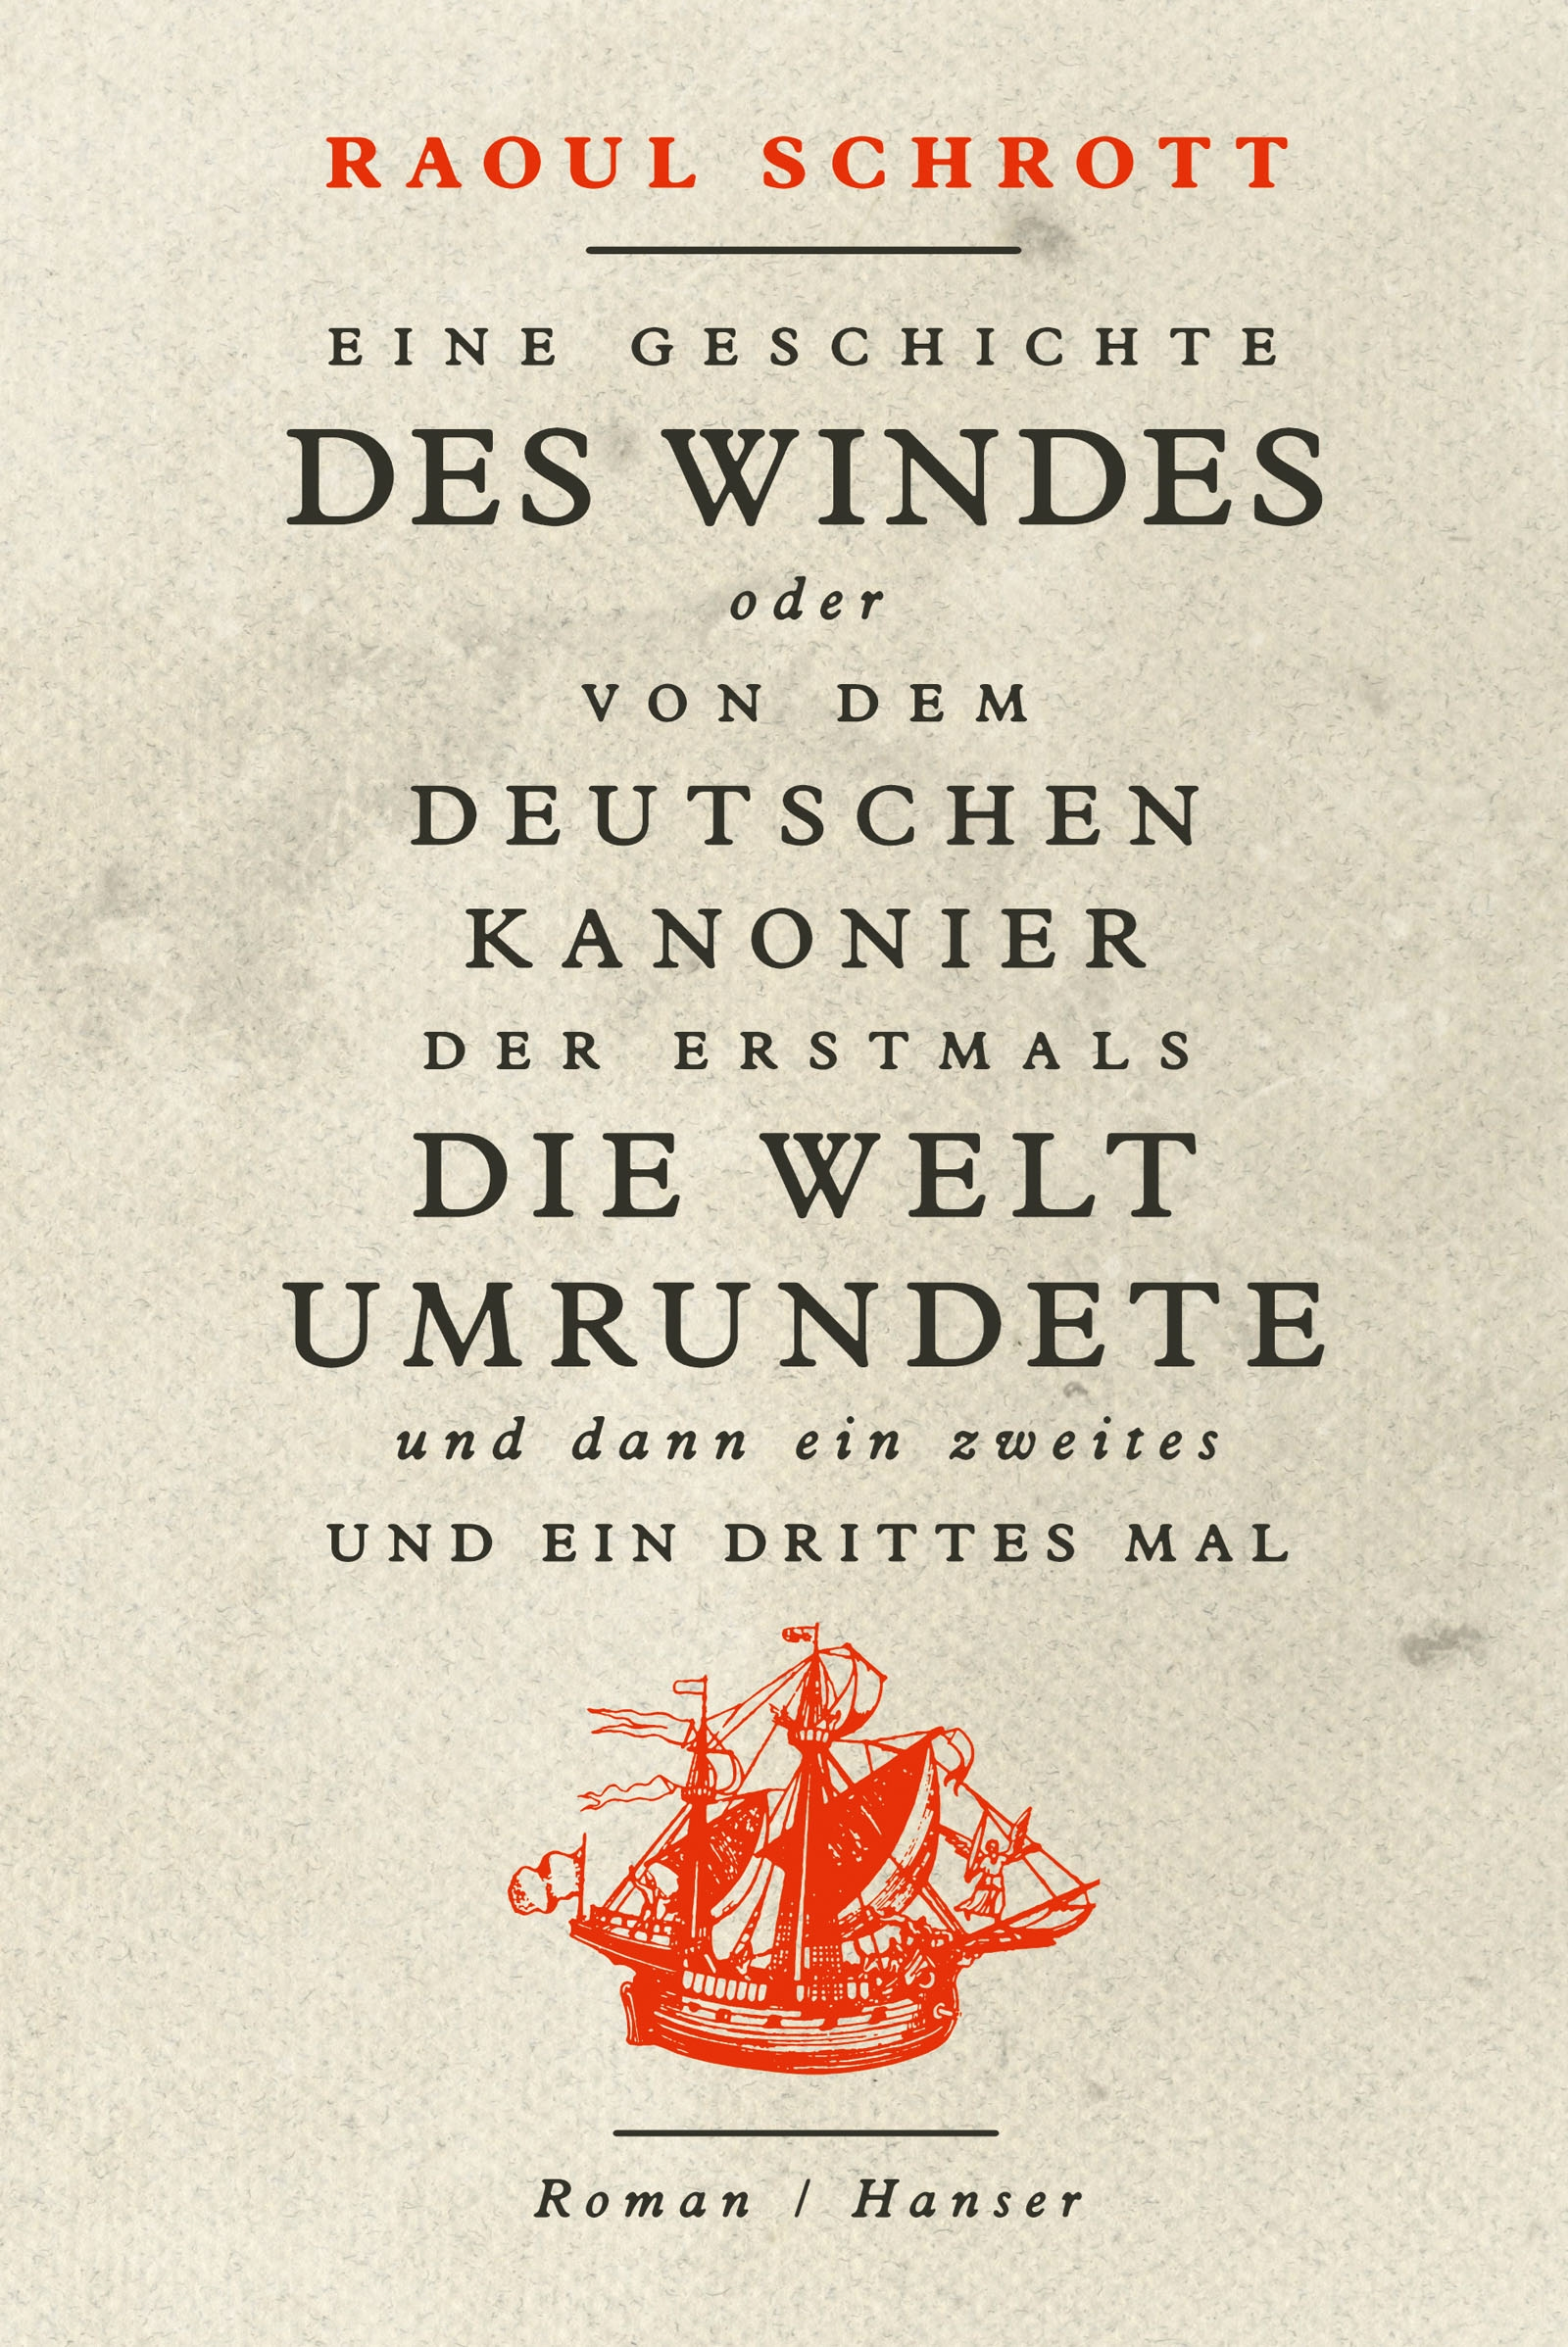 https://www.hanser-literaturverlage.de/buch/eine-geschichte-des-windes-oder-von-dem-deutschen-kanonier-der-erstmals-die-welt-umrundete-und-dann-ein-zweites-und-ein-drittes-mal/978-3-446-26380-2/